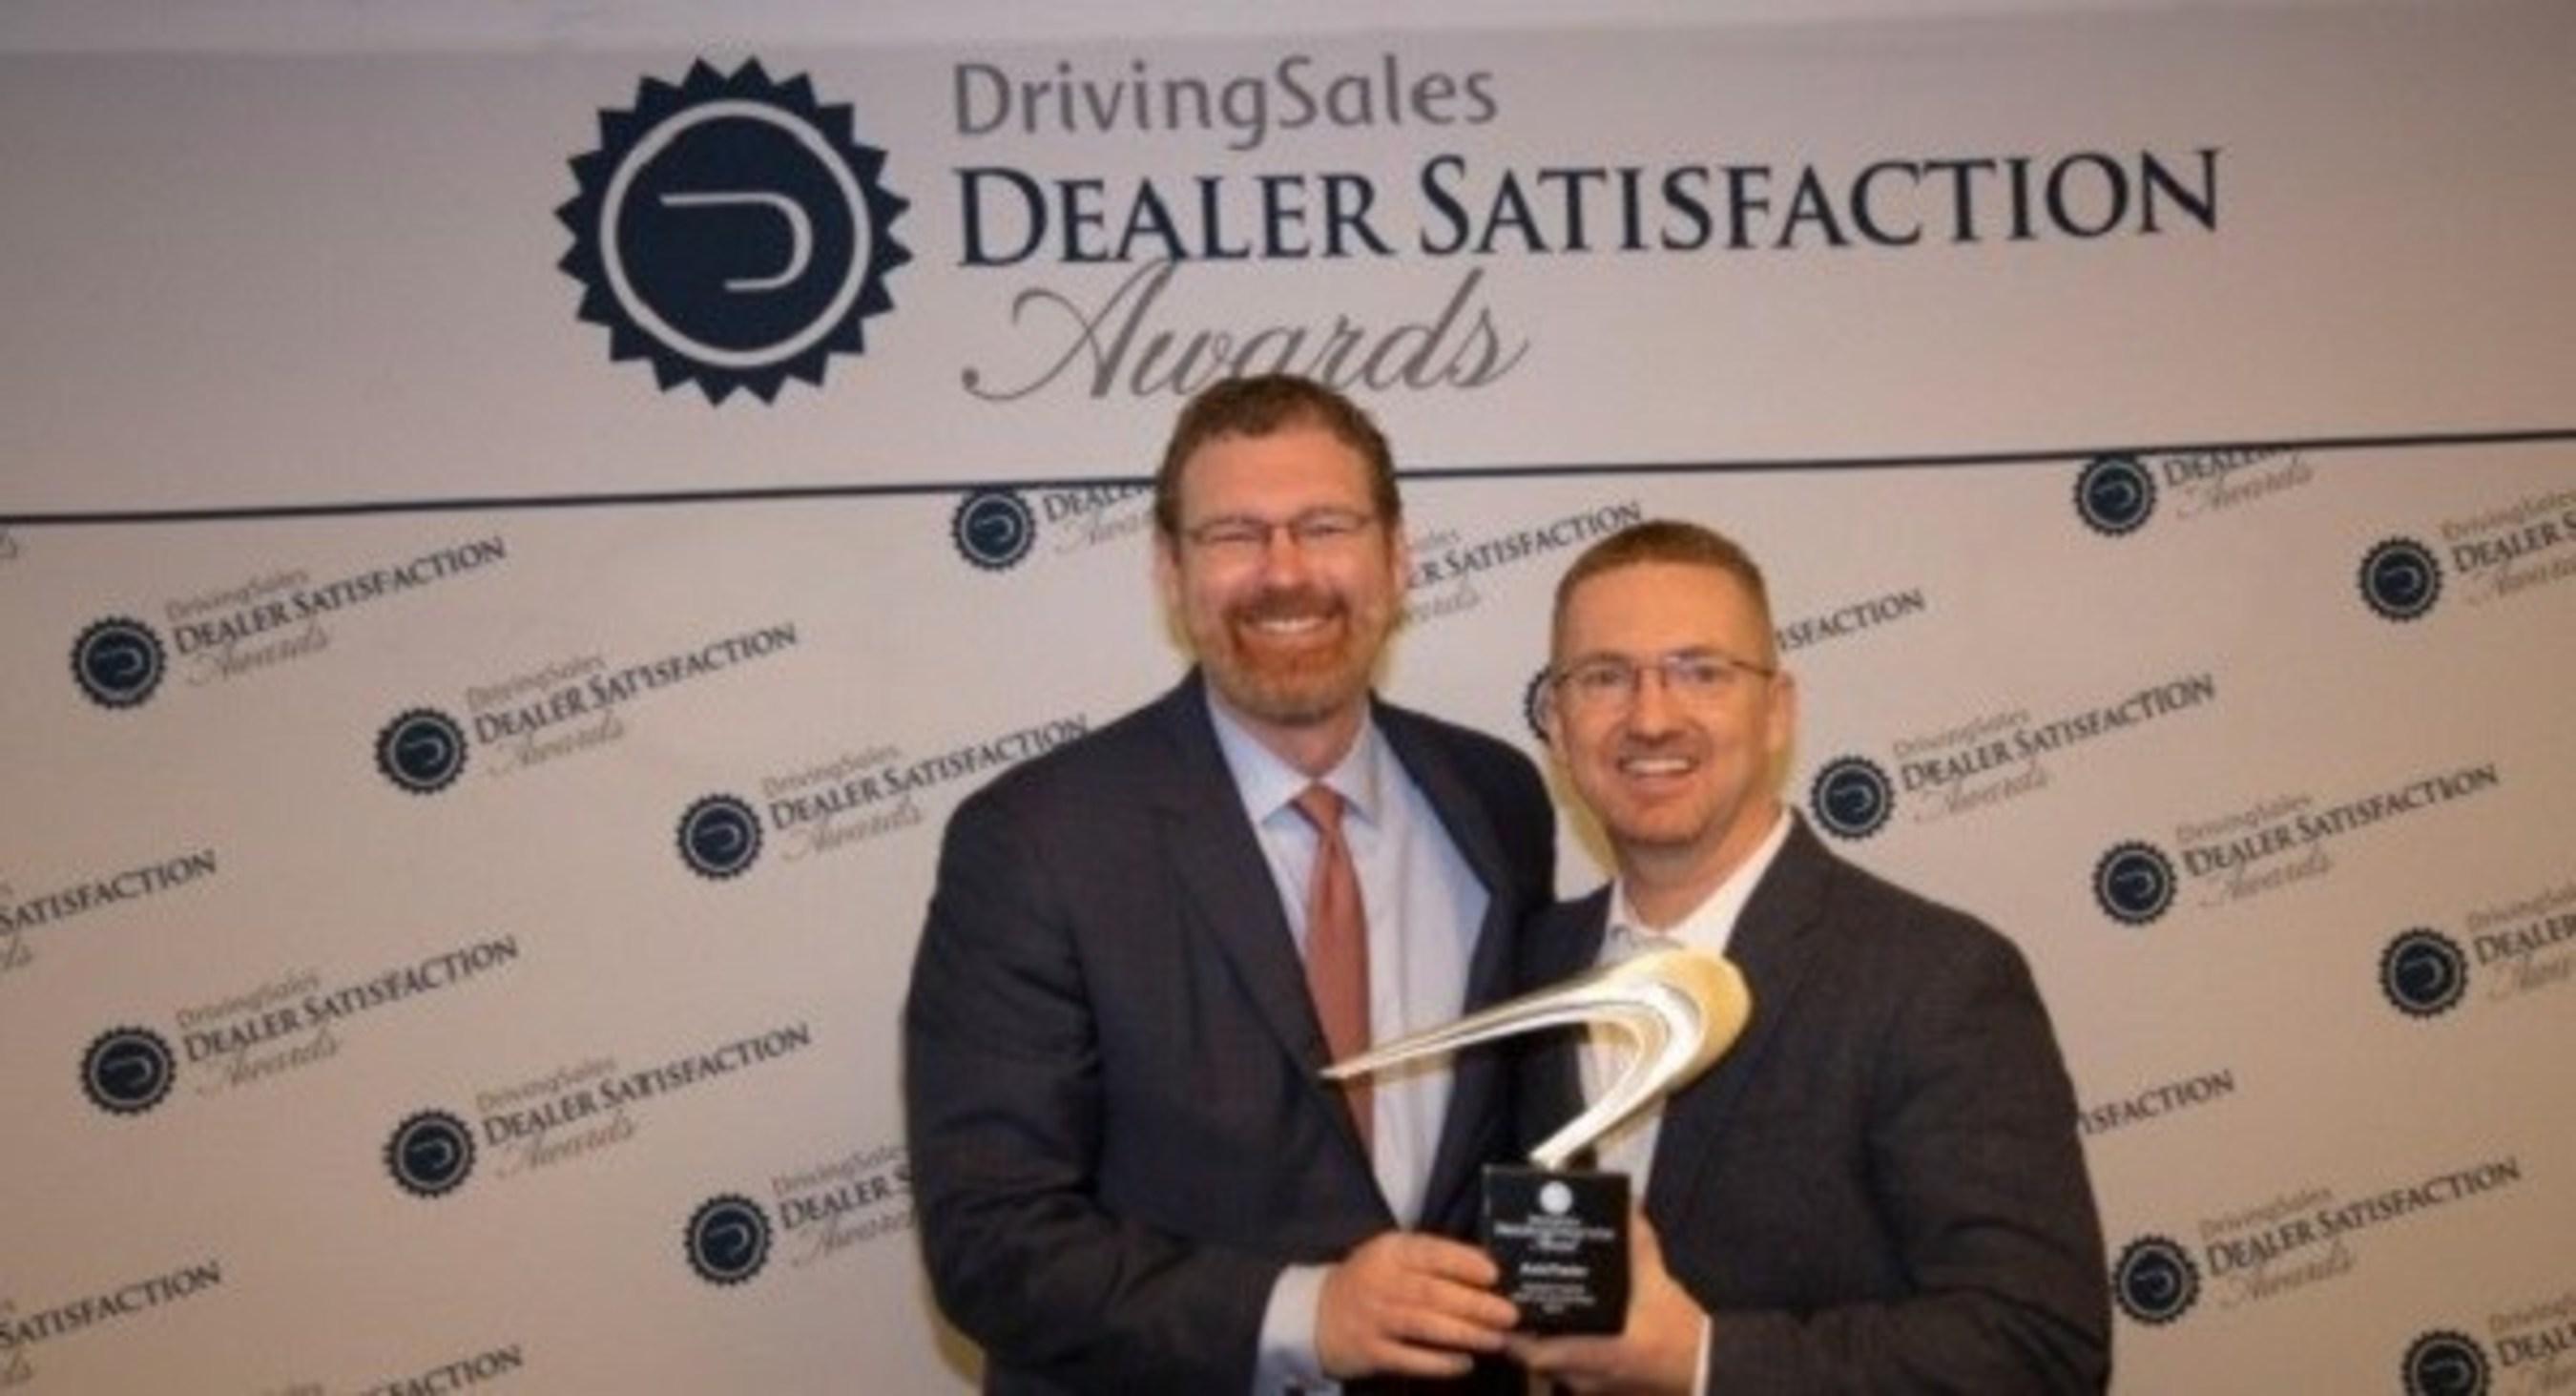 """AutoTrader.com Receives """"Highest Rated"""" DrivingSales Dealer Satisfaction Award"""